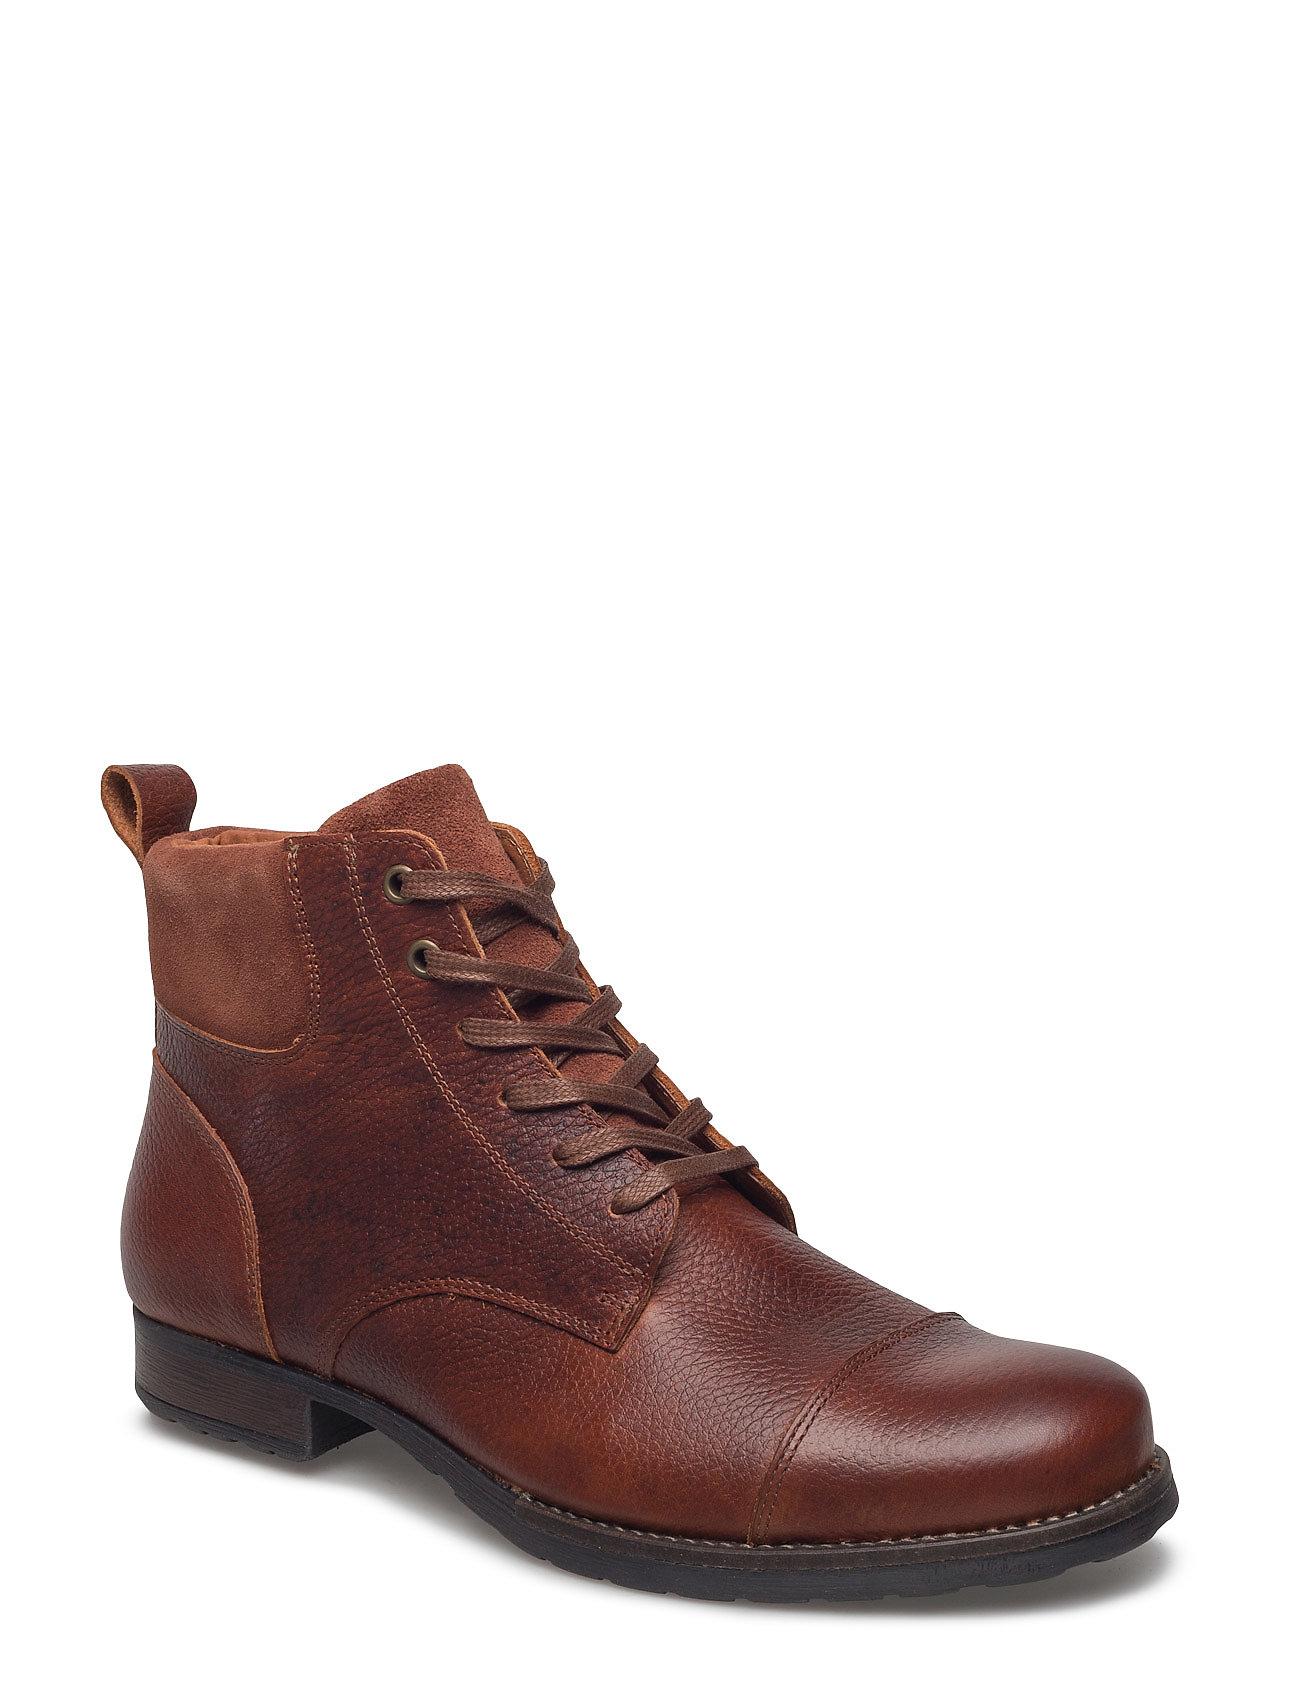 Mili Boot Bianco Støvler til Herrer i Lysebrun